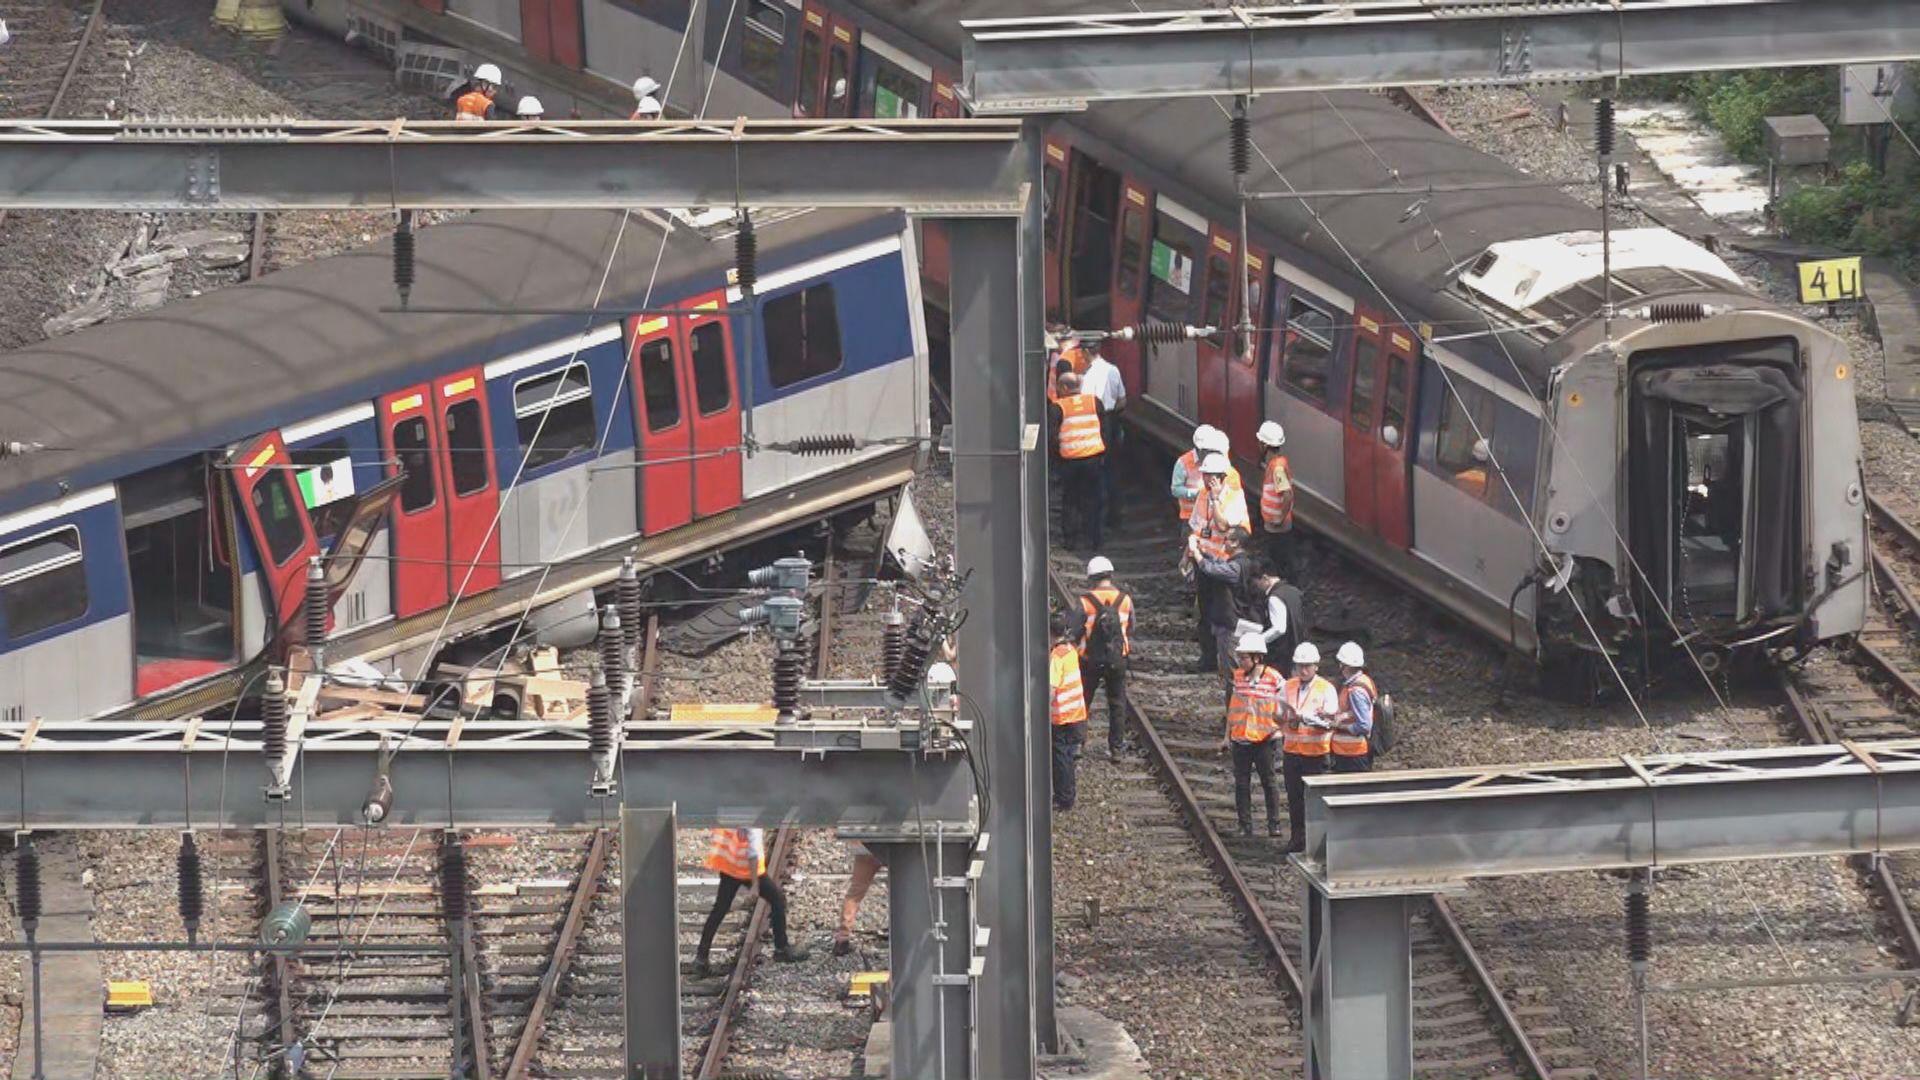 紅磡站出軌意外 港鐵調查指因軌枕損耗致兩條路軌軌距拉闊